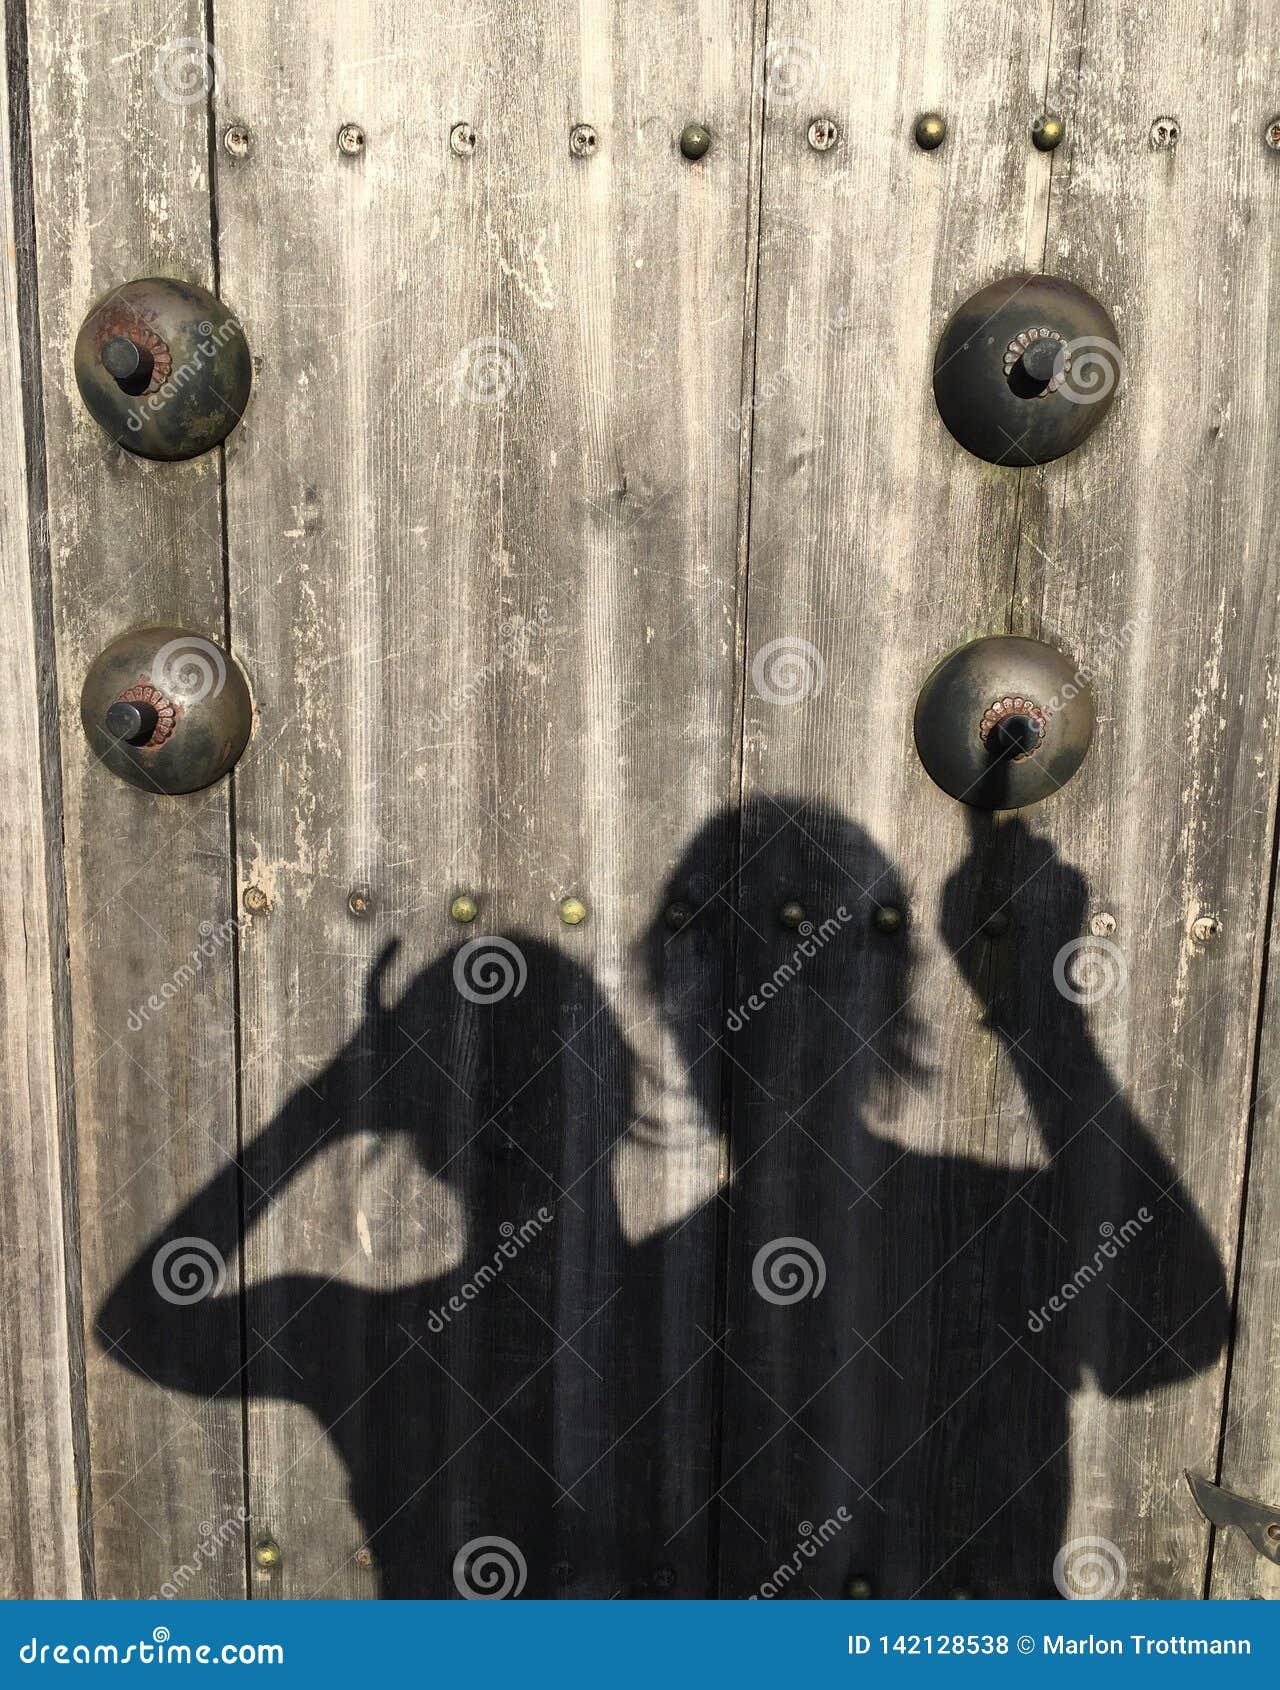 Beeld van de schaduw van vrouwen en een man die op een valse deurbel op een houten deur belt